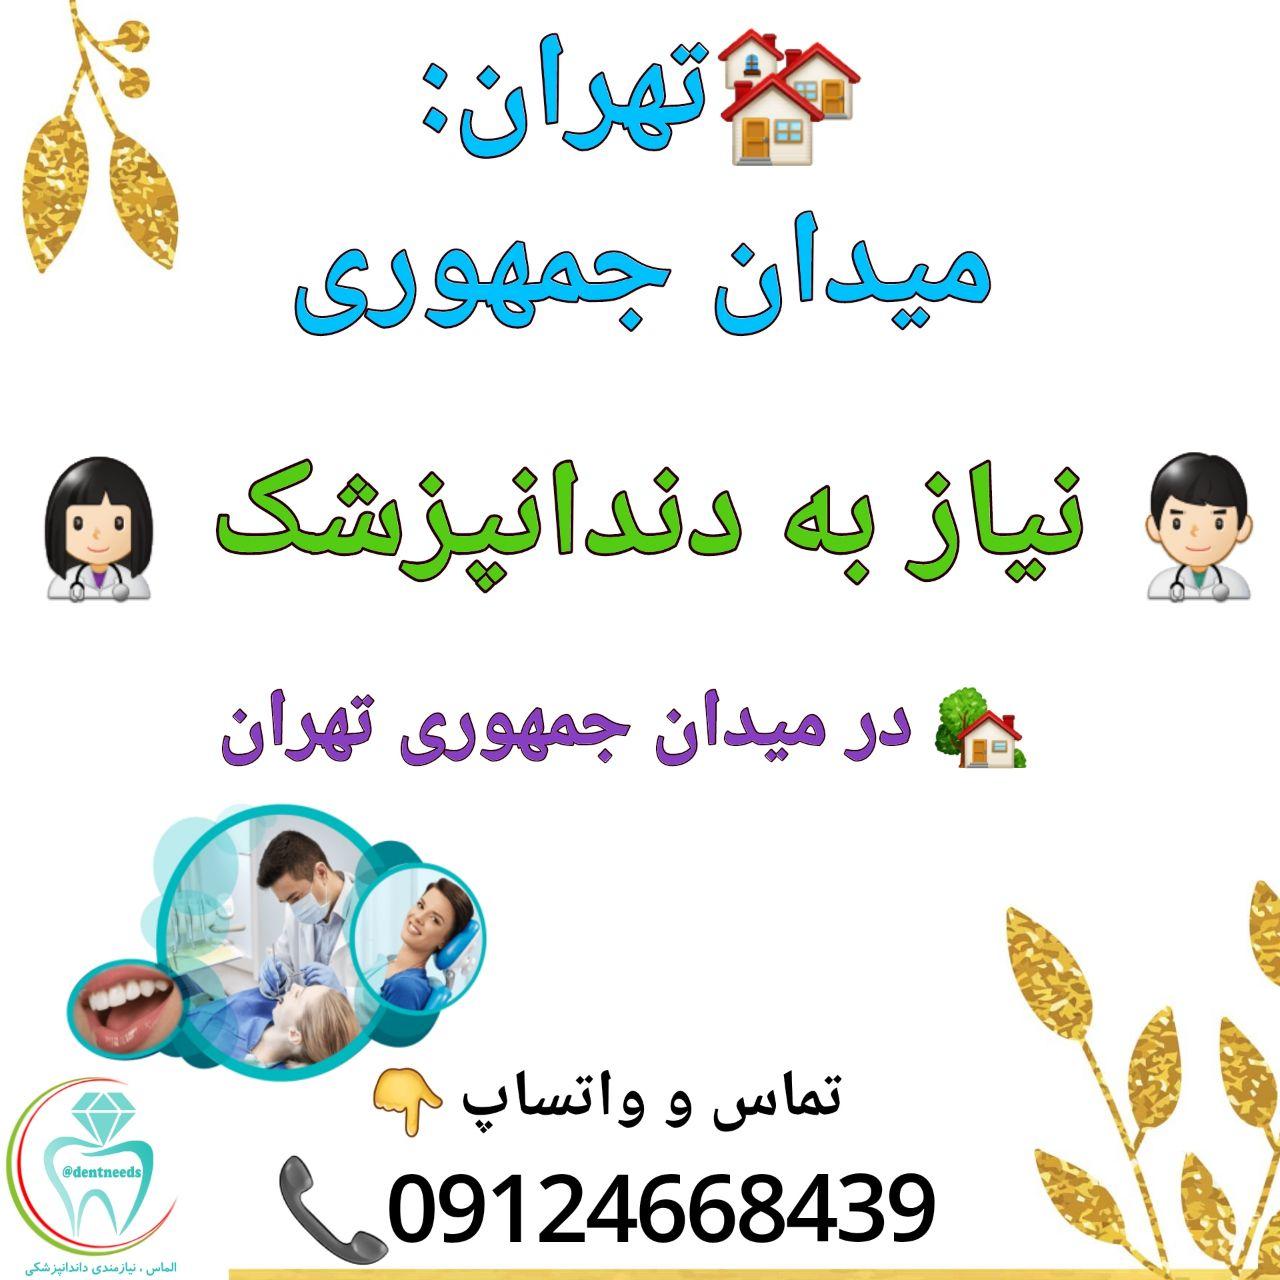 تهران: میدان جمهوری، نیاز به دندانپزشک